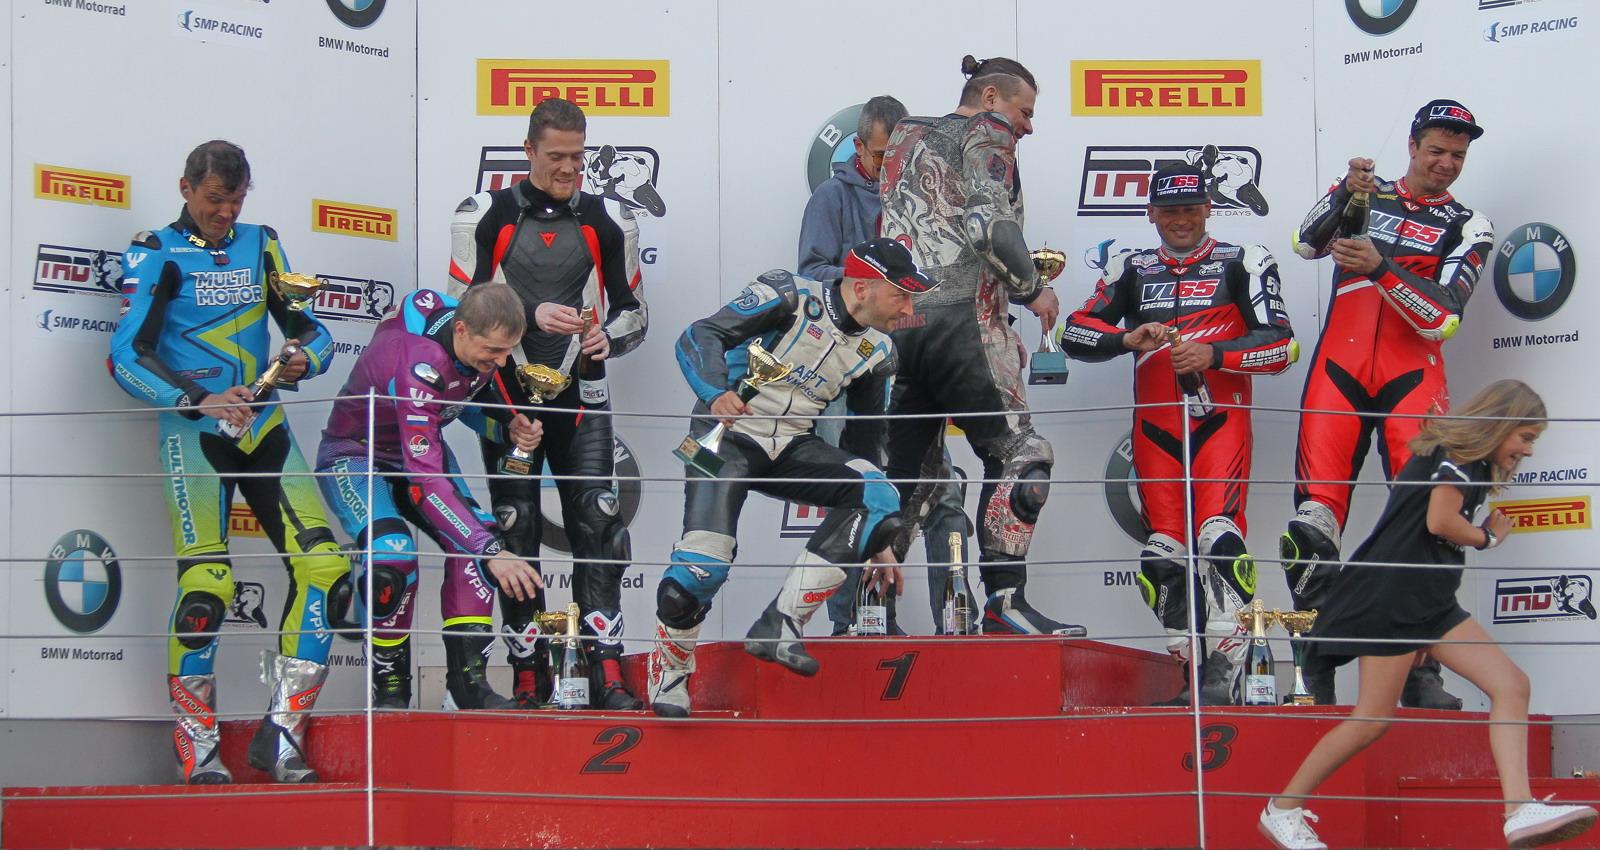 Байк Промоушен Спорт второй раз на высшей ступеньке, Multimotor и VL65 Racing Team в призах!